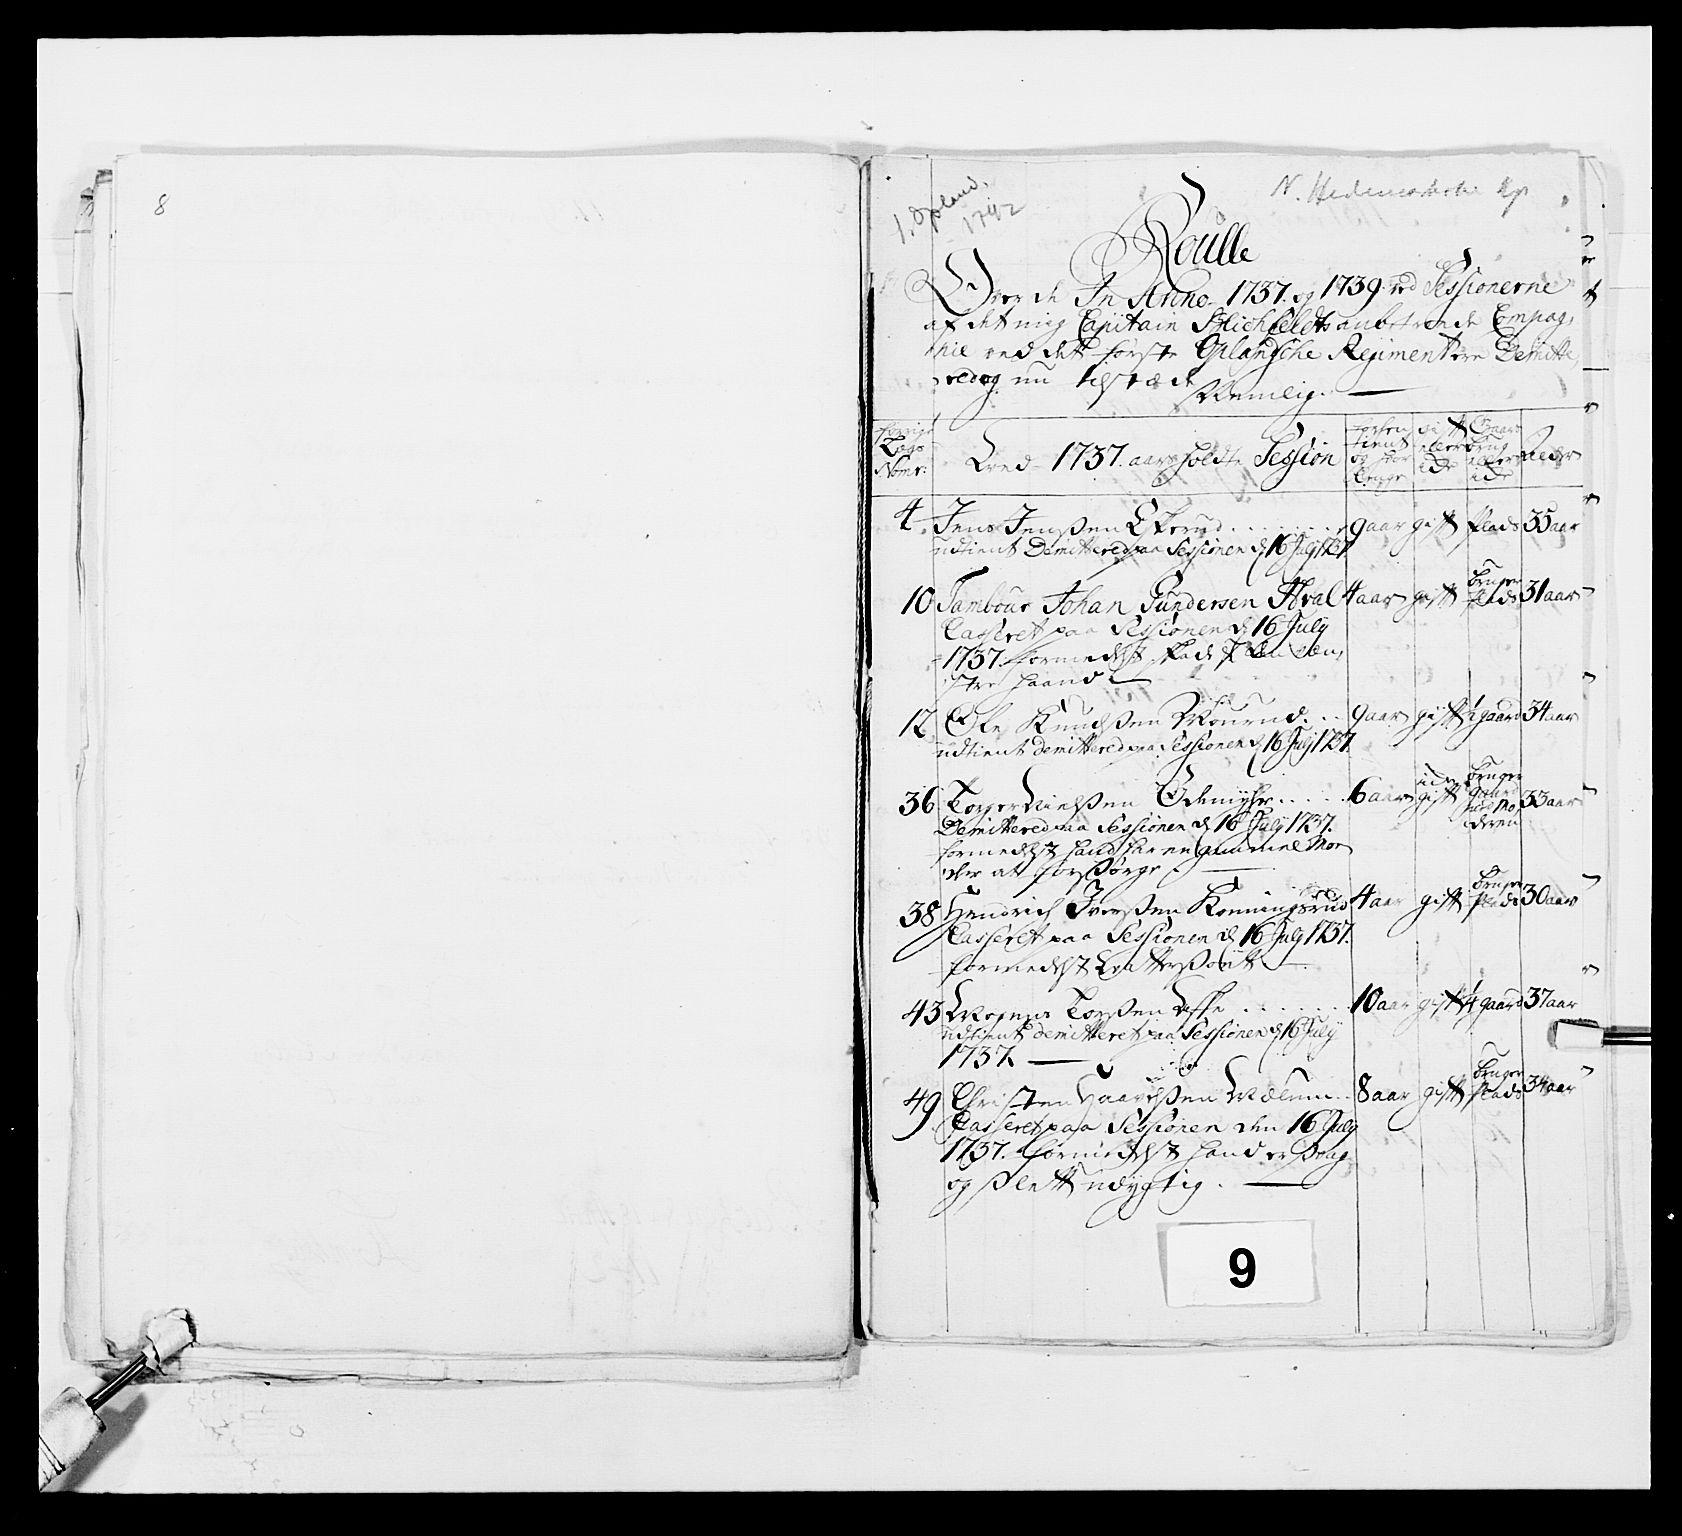 RA, Kommanderende general (KG I) med Det norske krigsdirektorium, E/Ea/L0502: 1. Opplandske regiment, 1720-1743, s. 103